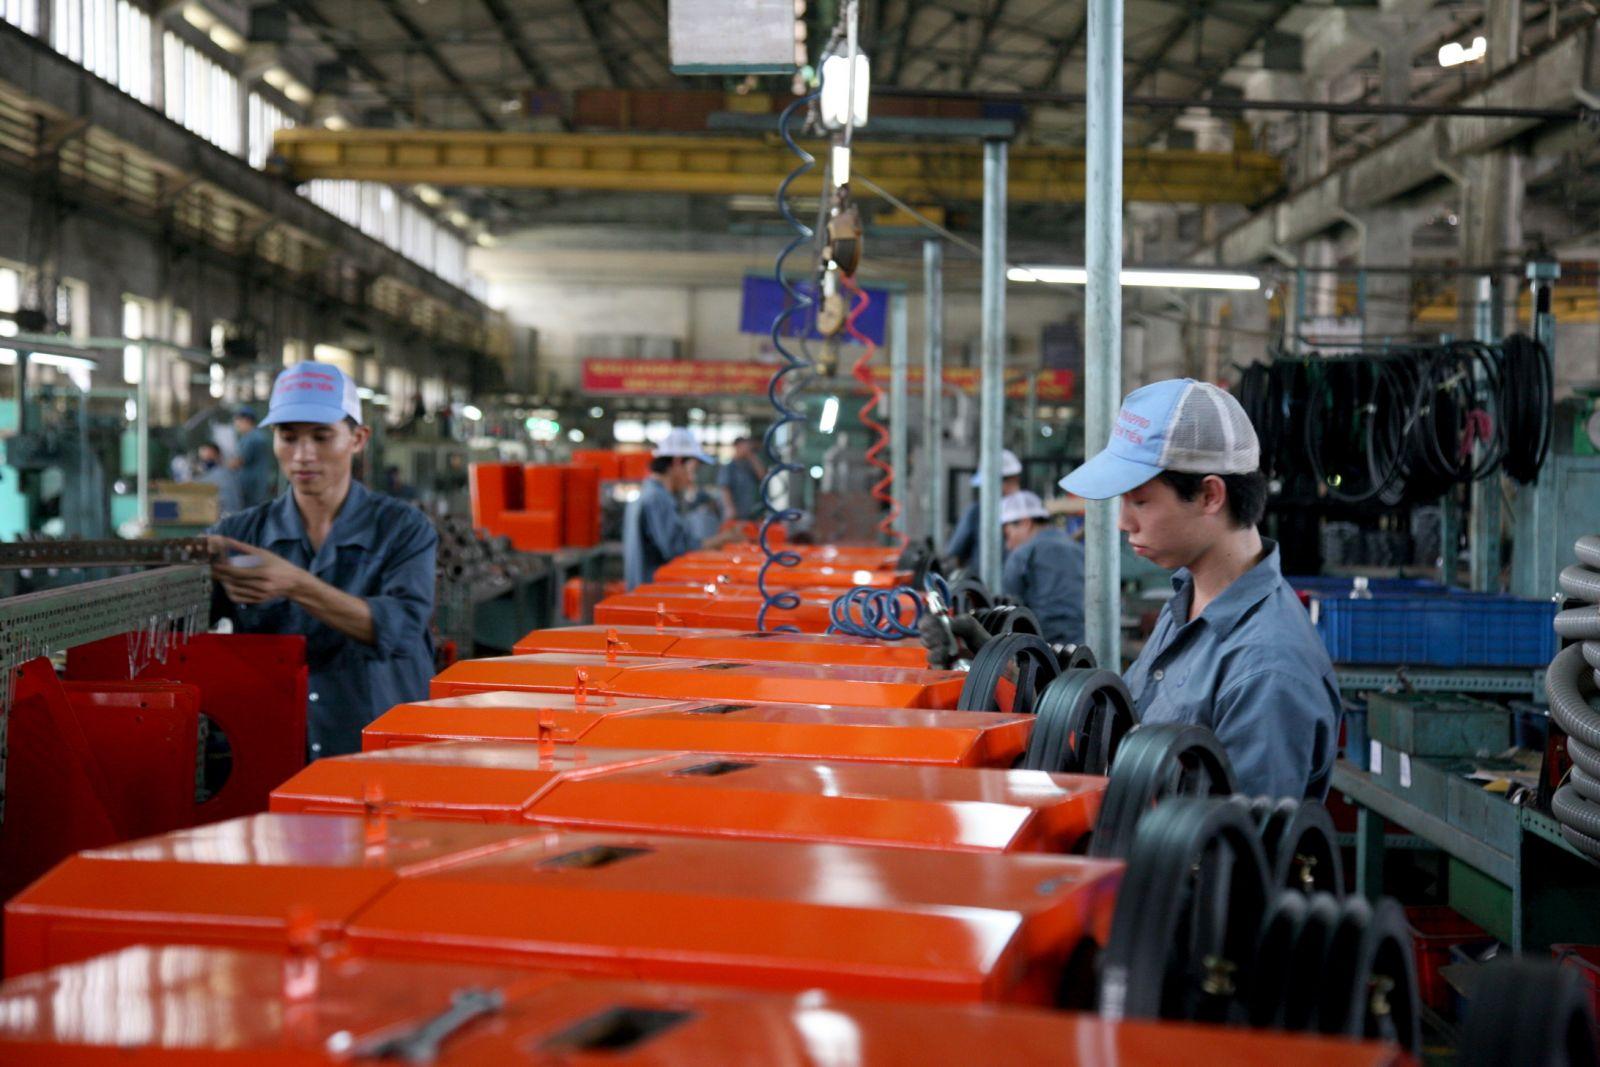 Giai đoạn chuyển tiếp trong EVFTA là 10 năm kể từ ngày Hiệp định chính thức có hiệu lực